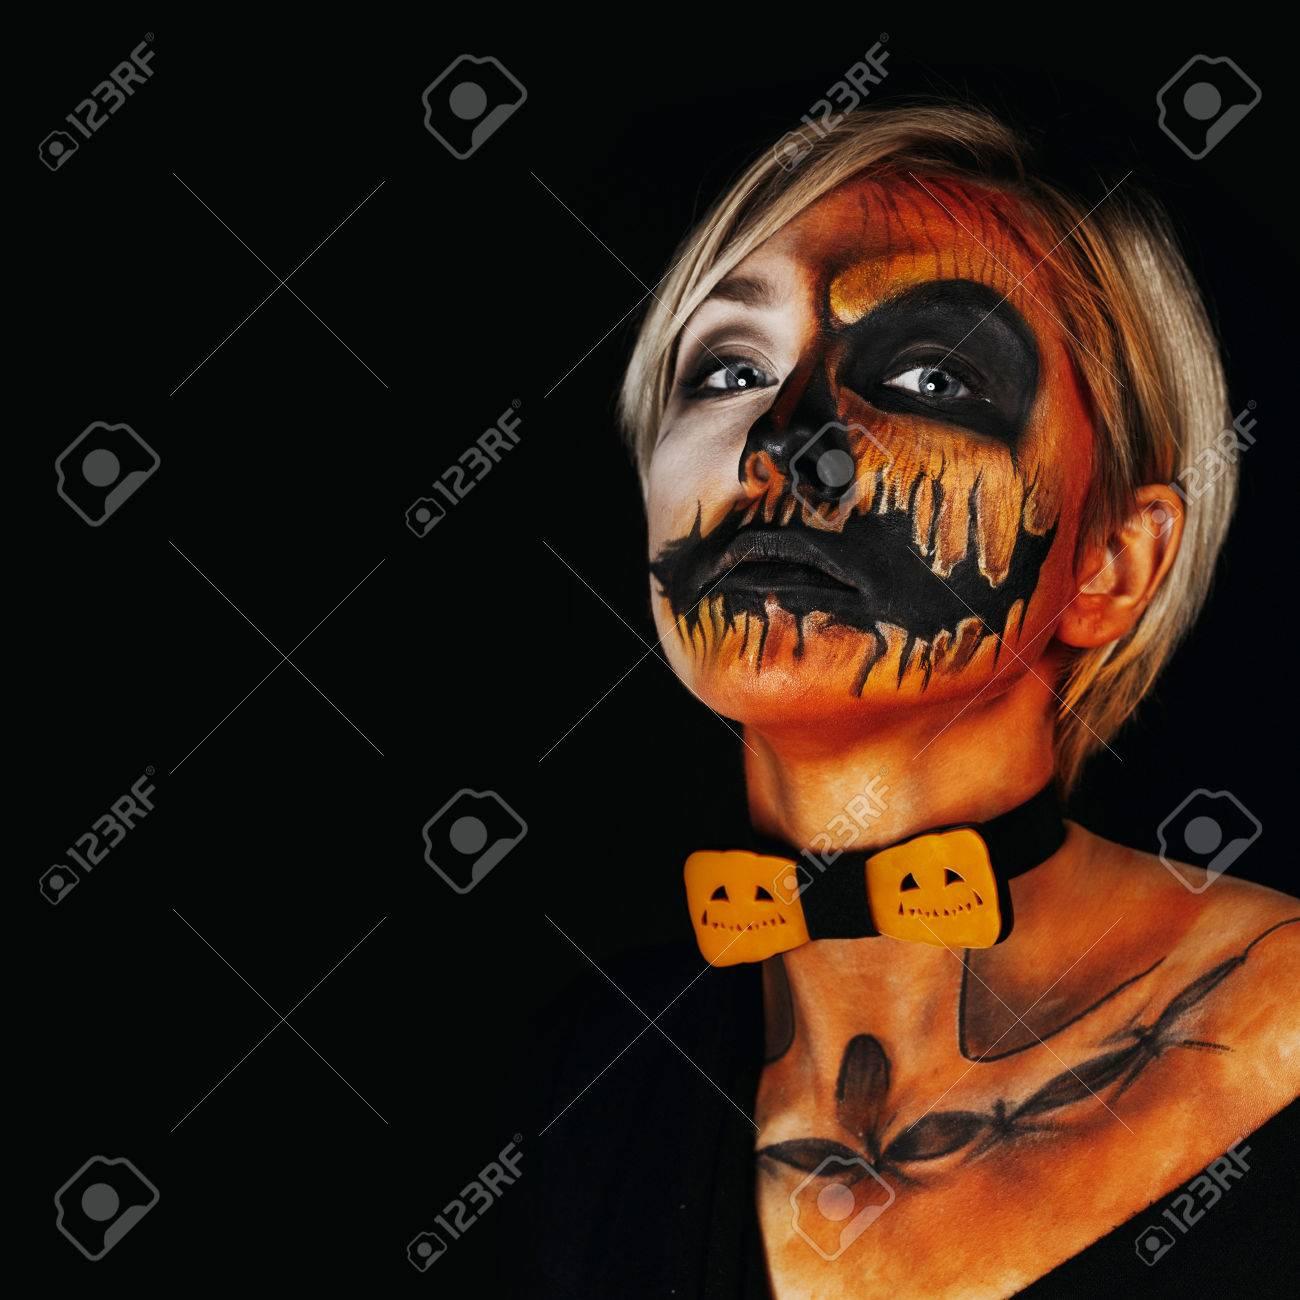 Halloween Schminken Deutsch.Halloween Portrait Of Body Art Pumpkin Girl With Pumpkin Bowtie